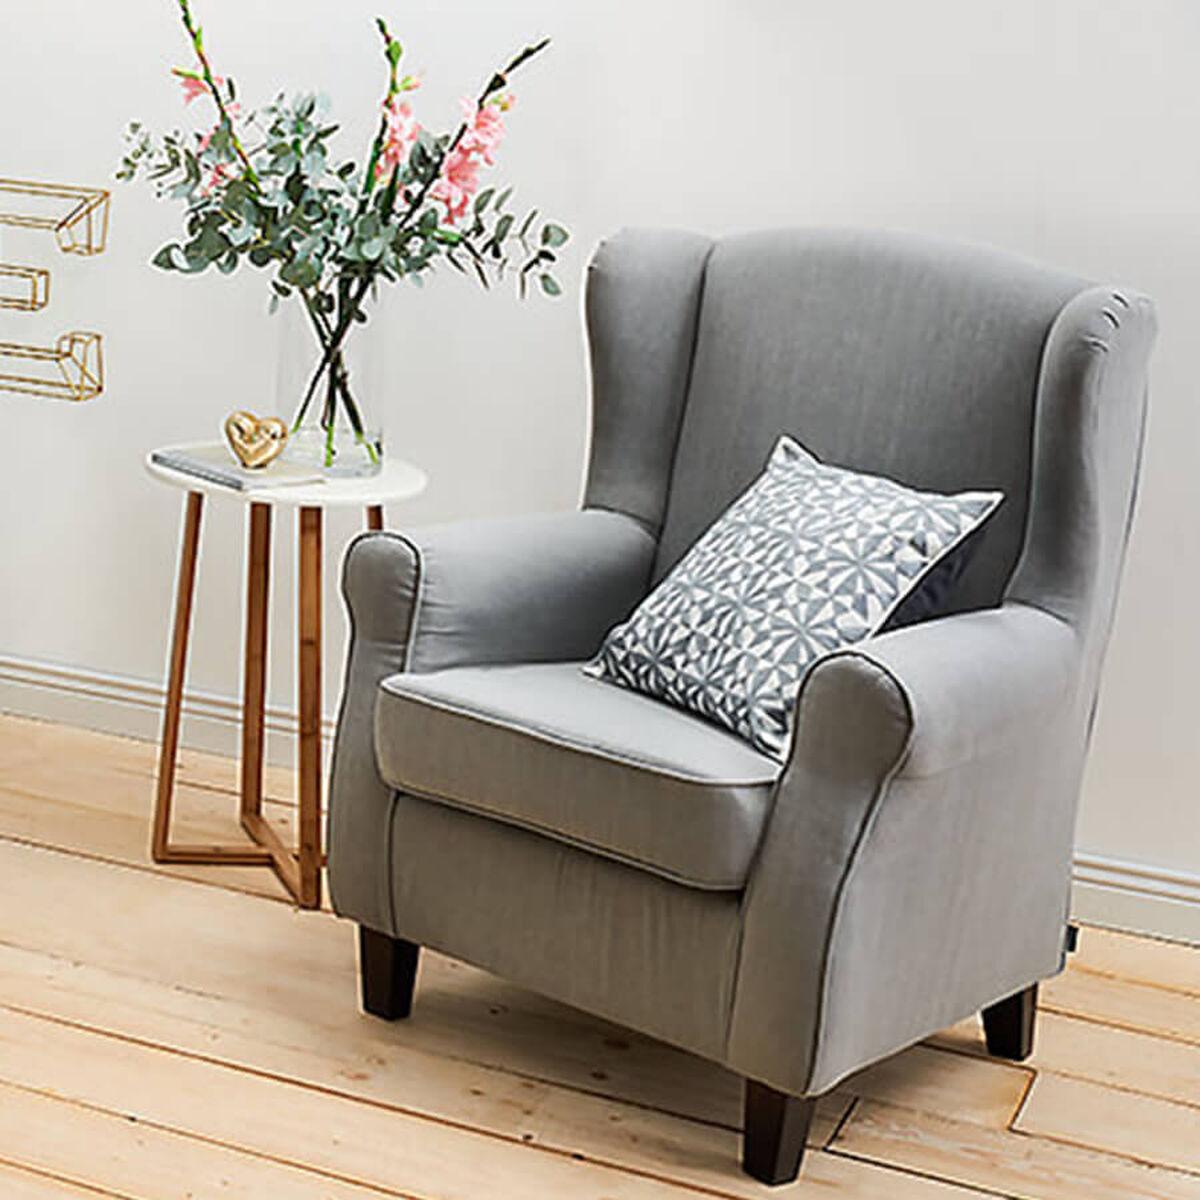 sessel polster leder sessel kaufen butlers. Black Bedroom Furniture Sets. Home Design Ideas